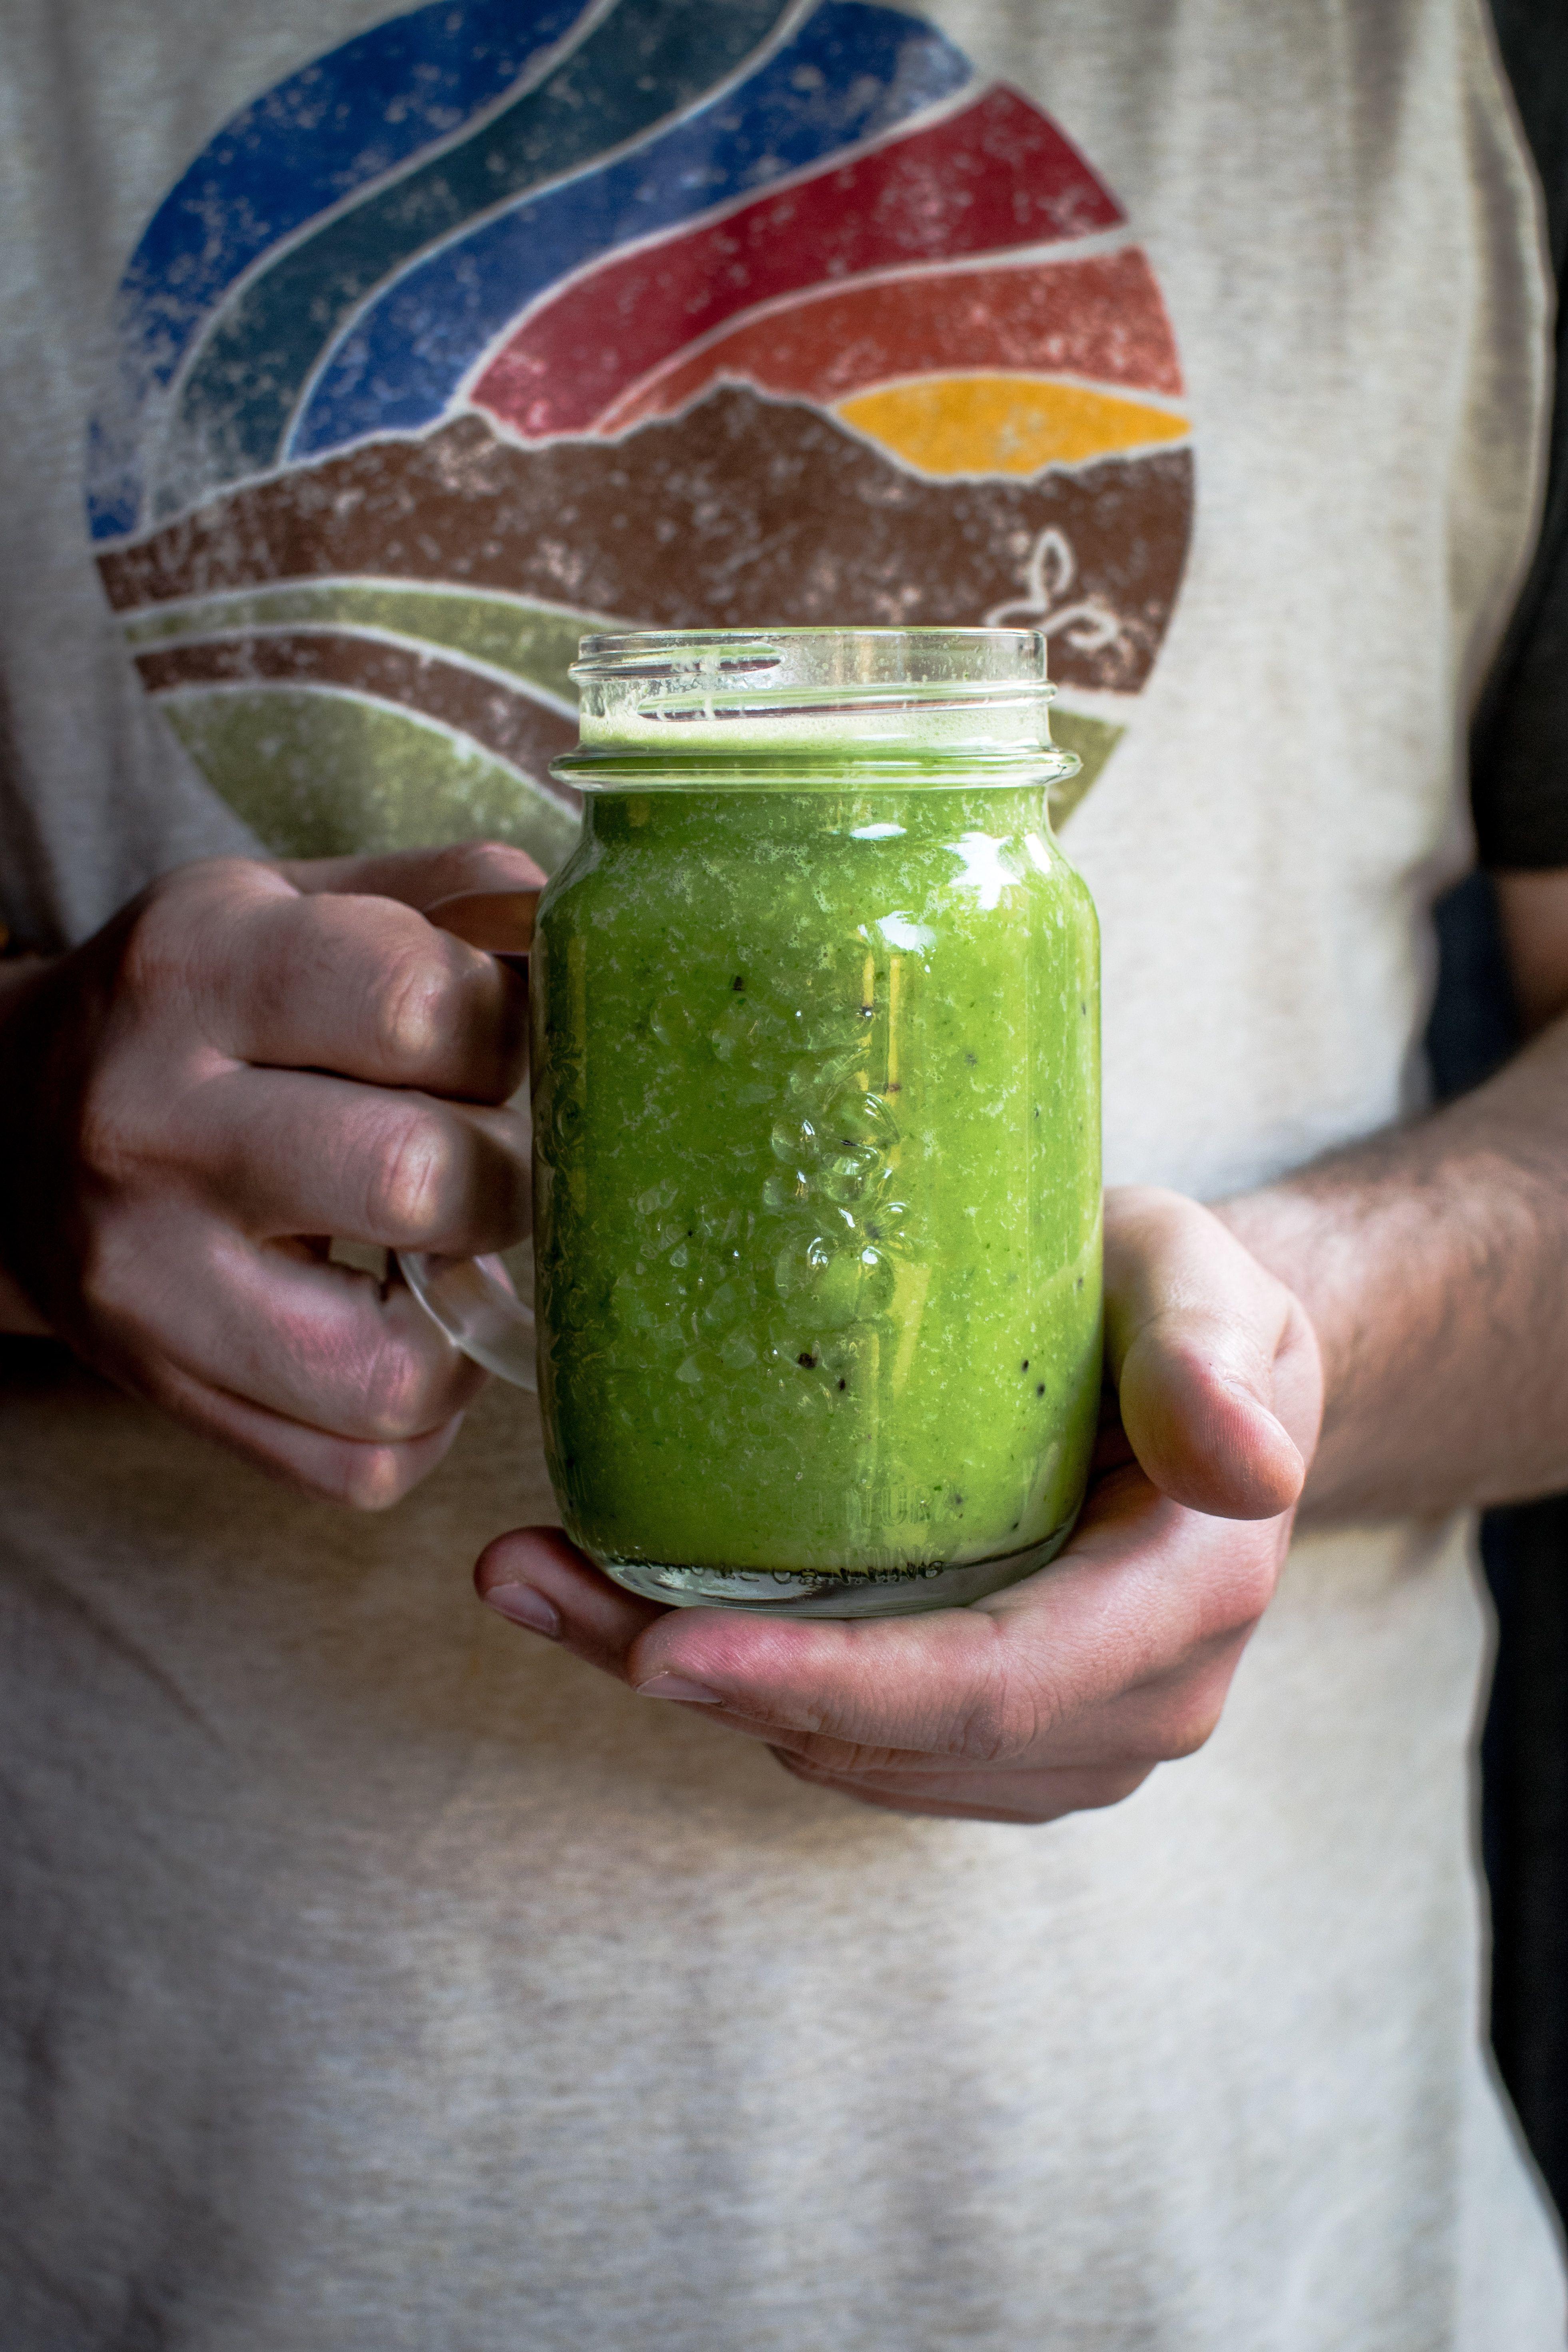 Green_juice_monika-grabkowska-l-sagw3fxzo-unsplash